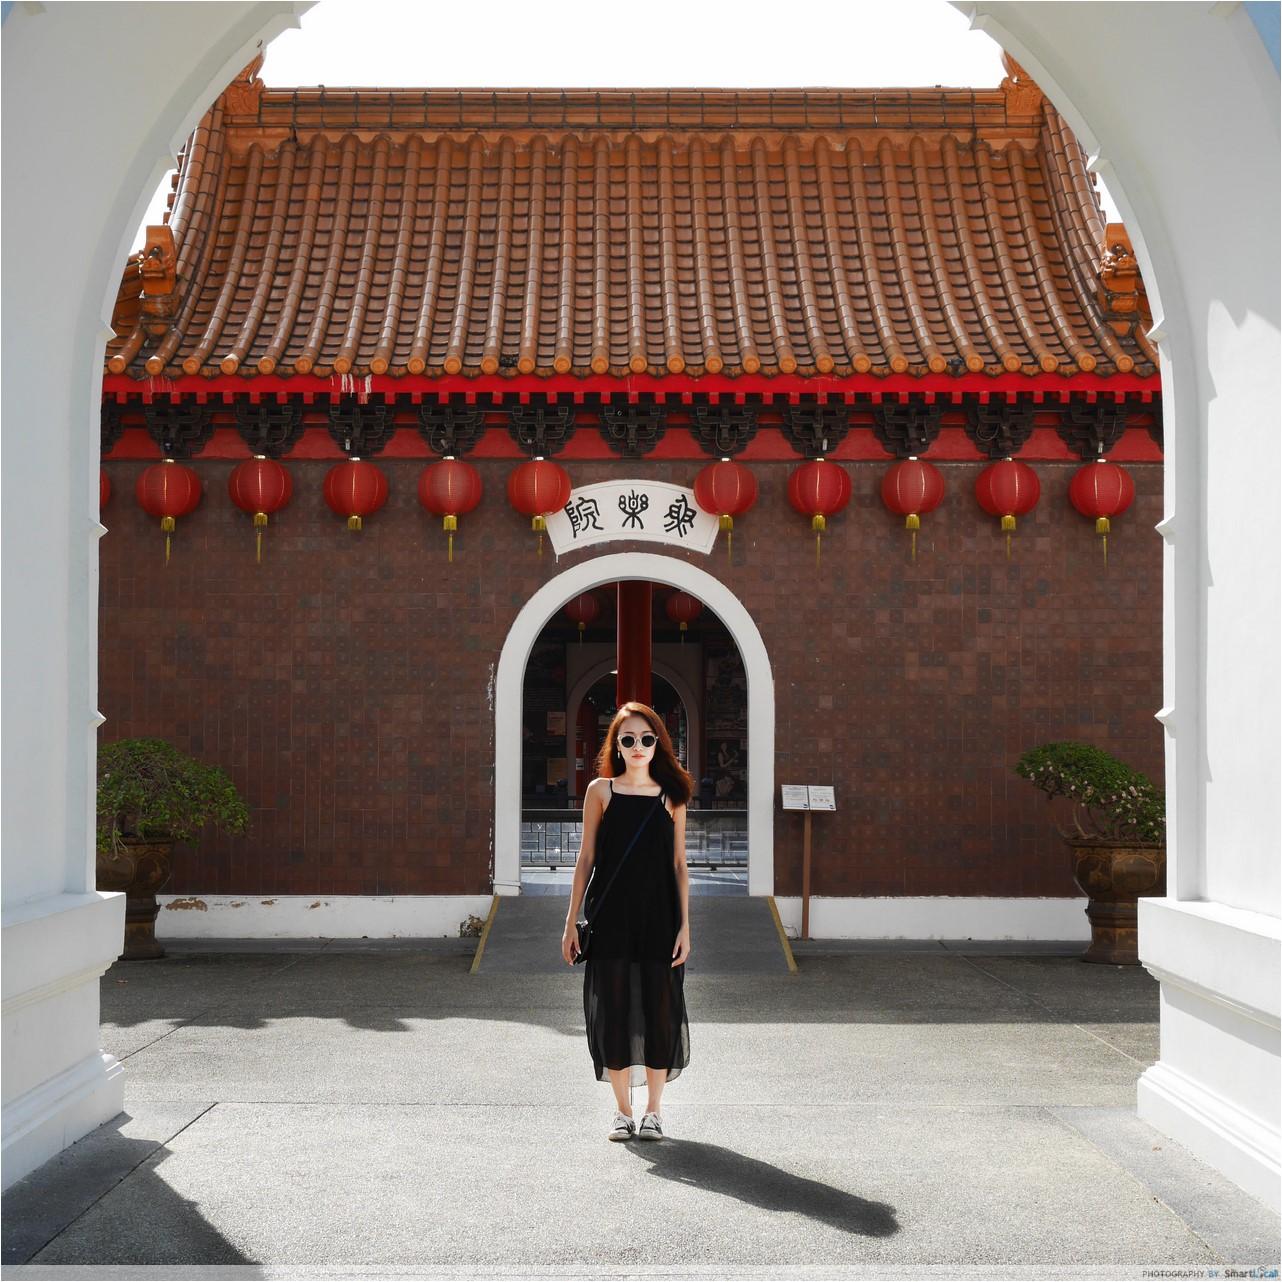 18.-Chinese-gardens.jpg